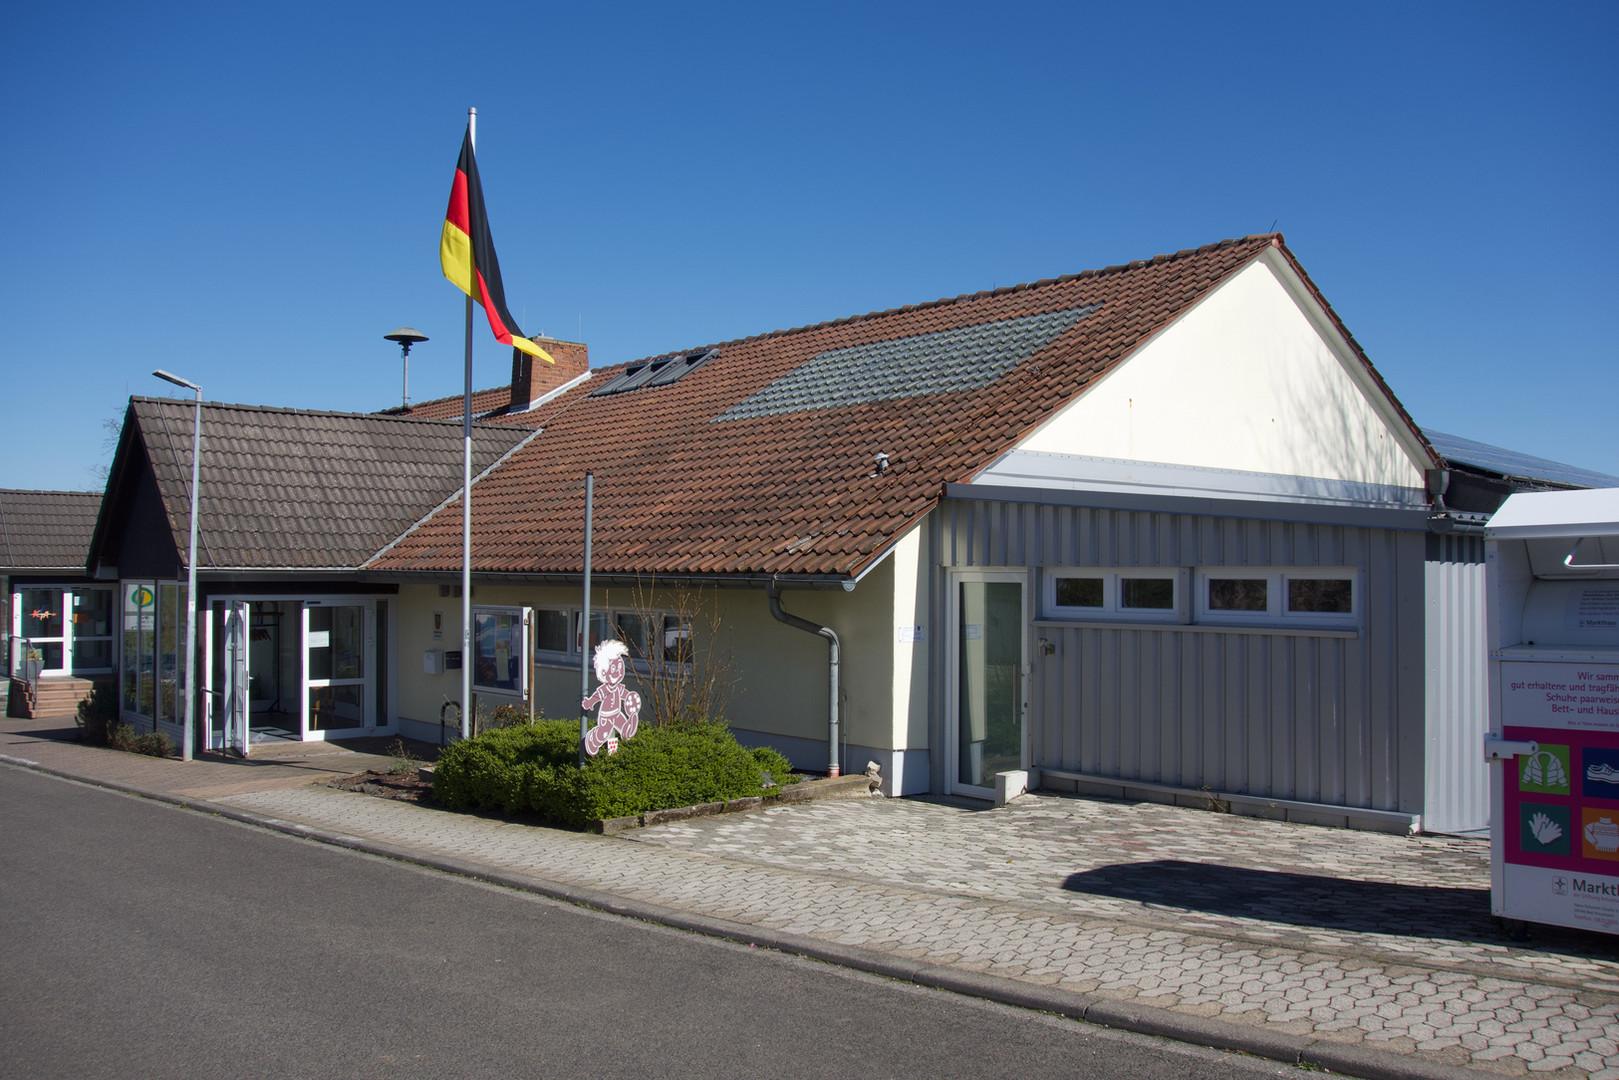 Eingang der Naheblickhalle und Büro der Ortsbürgermeisterin Frau Sand